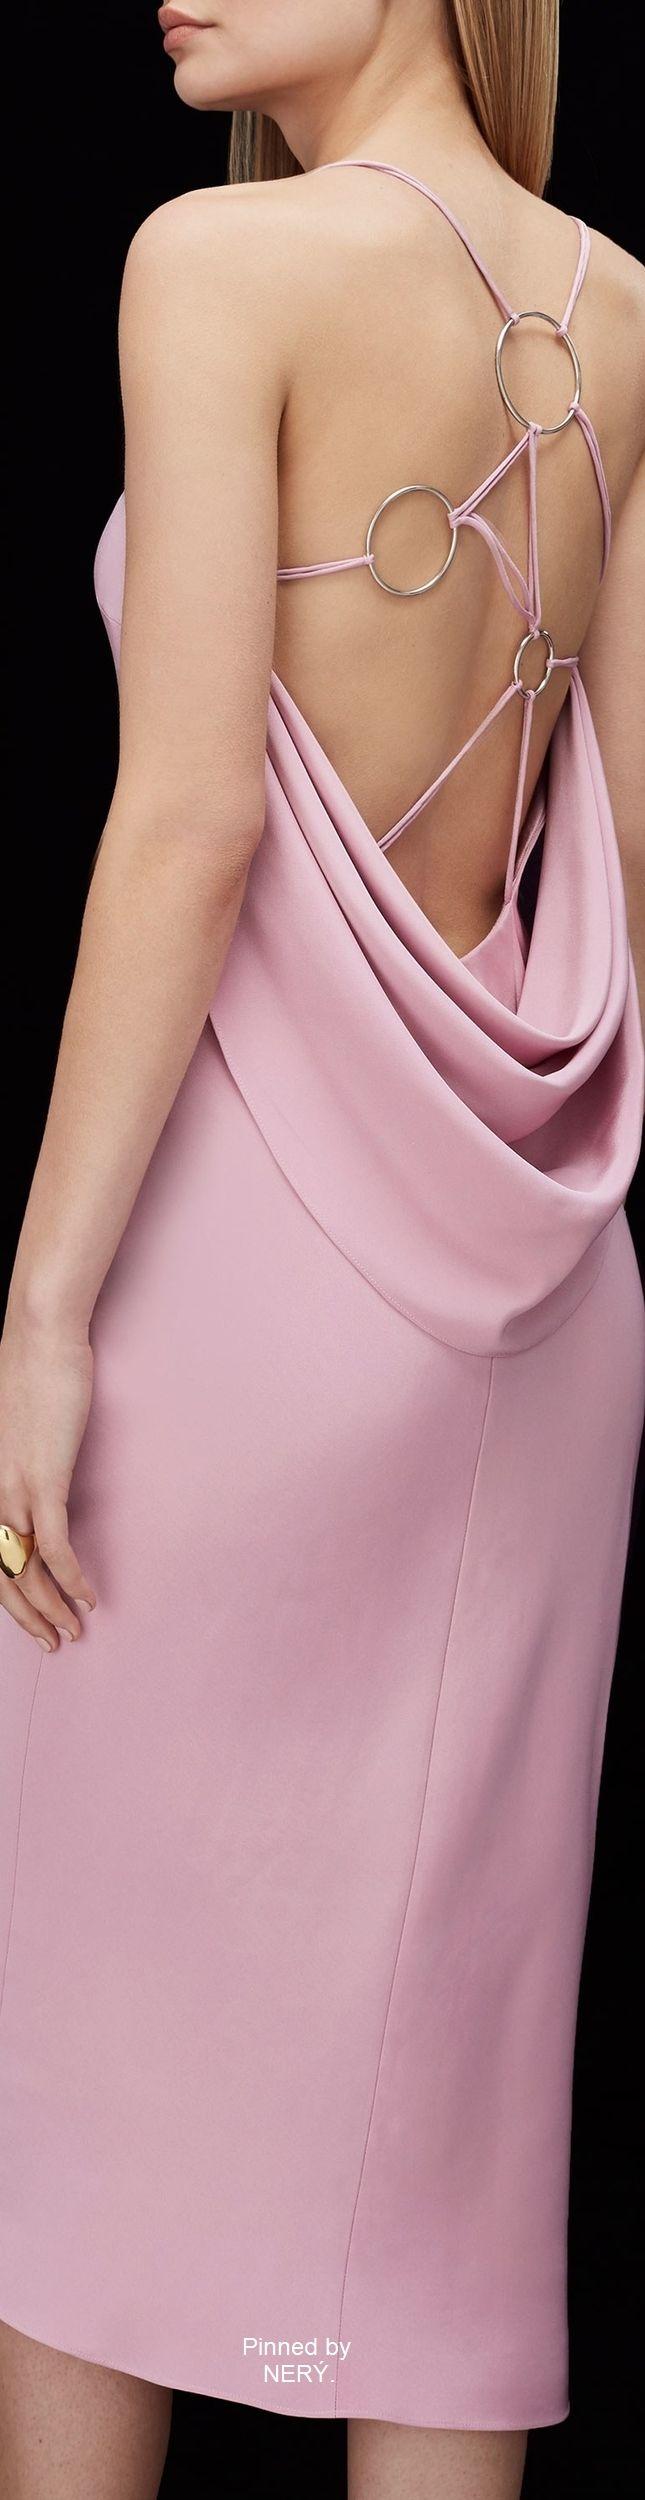 Pin de Camille Beale en Dresses | Pinterest | Vestiditos, Costura y ...